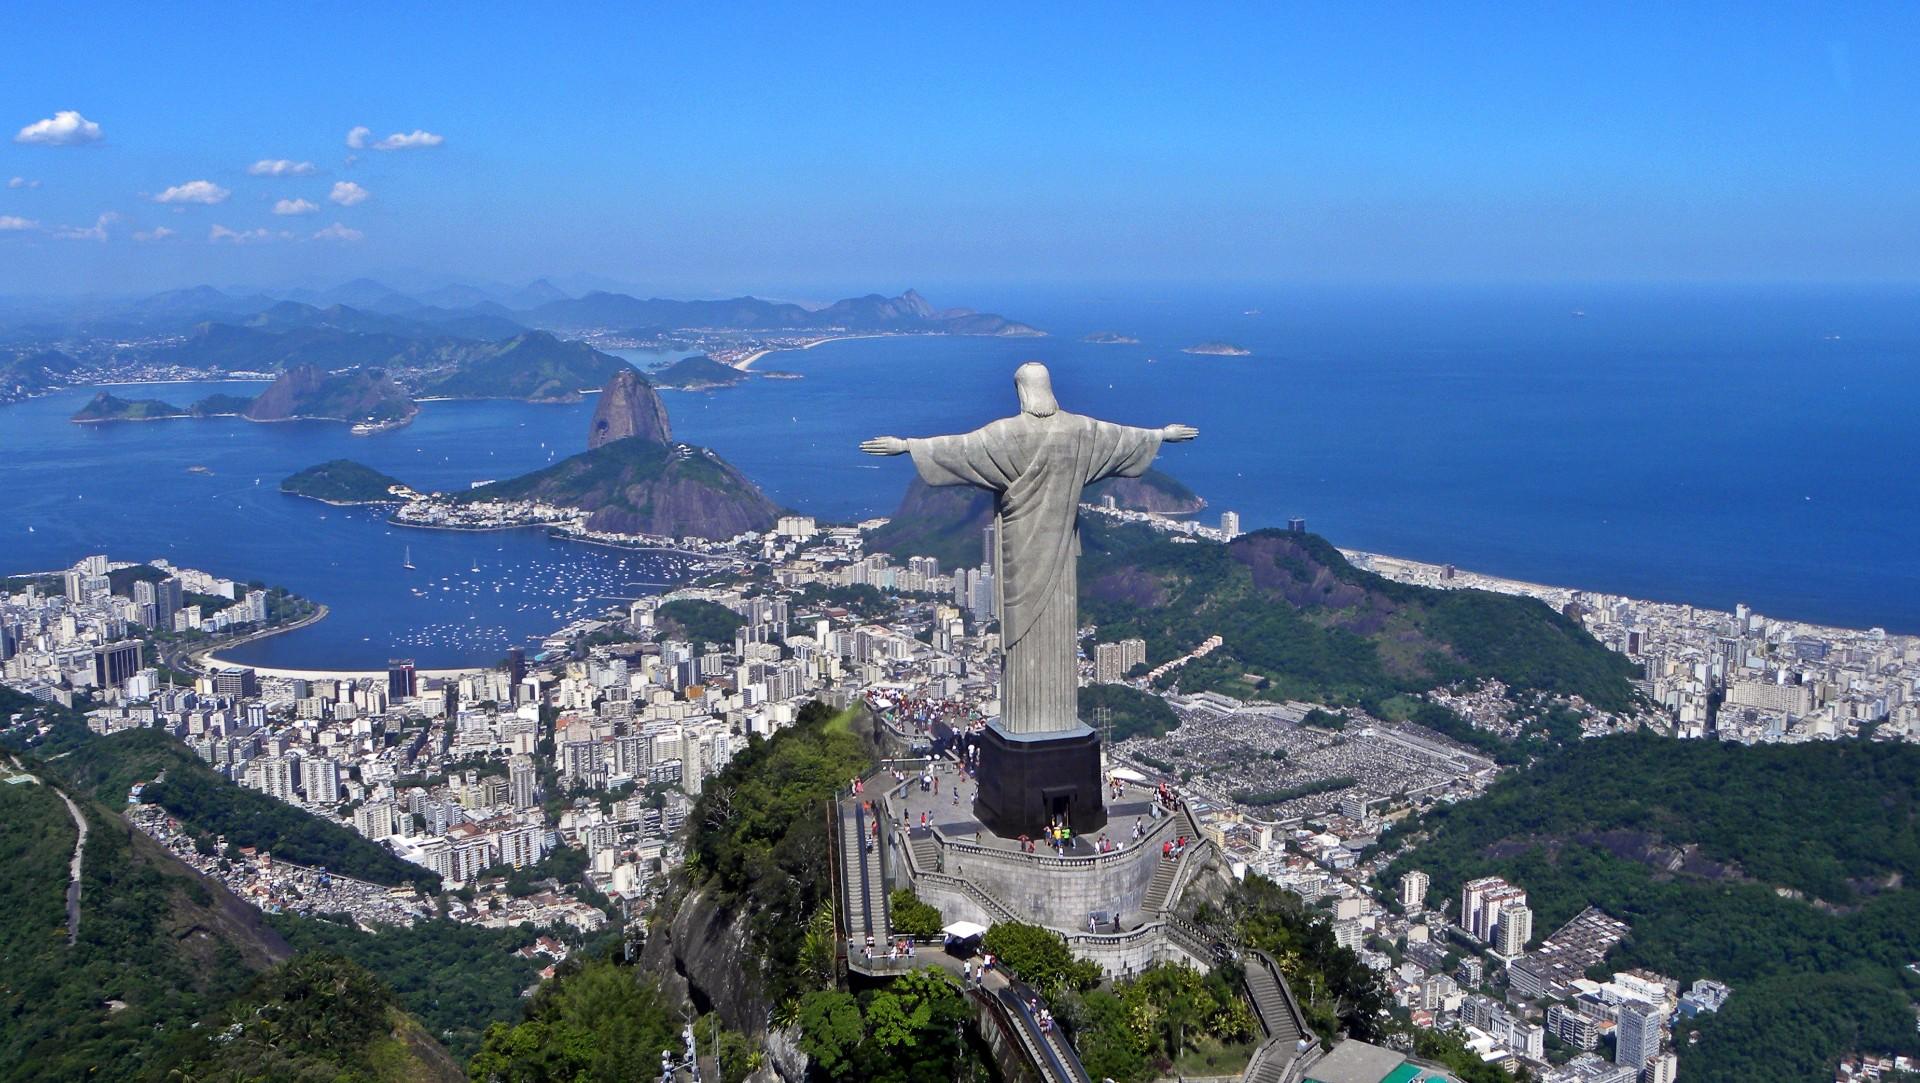 Rio De Janeiro Population in 2017